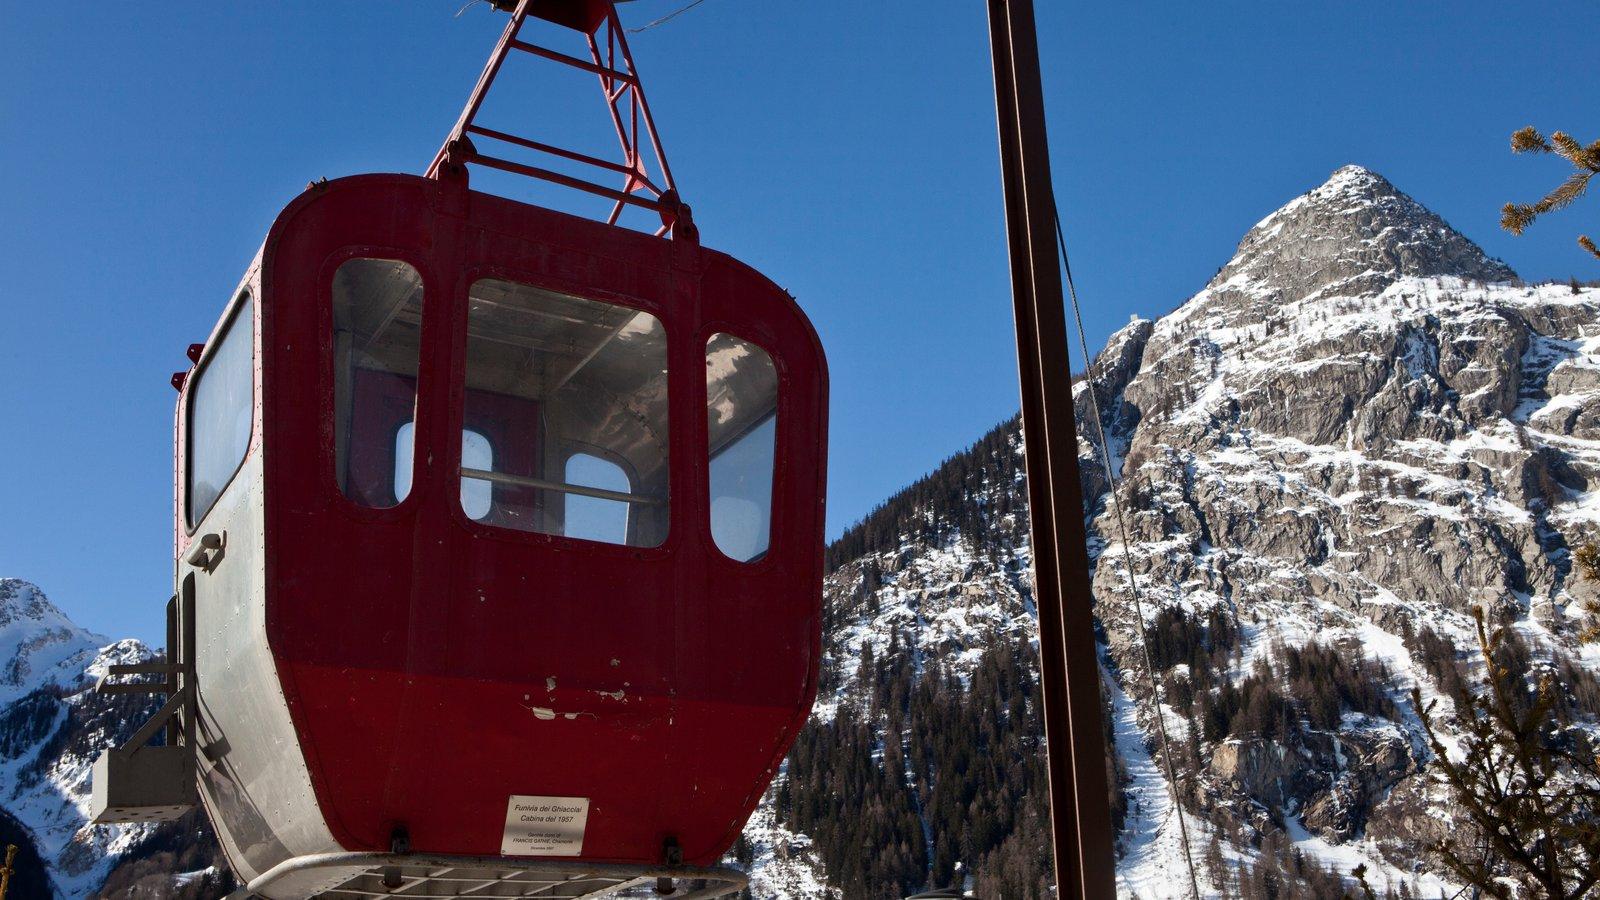 Courmayeur que incluye montañas, nieve y una góndola